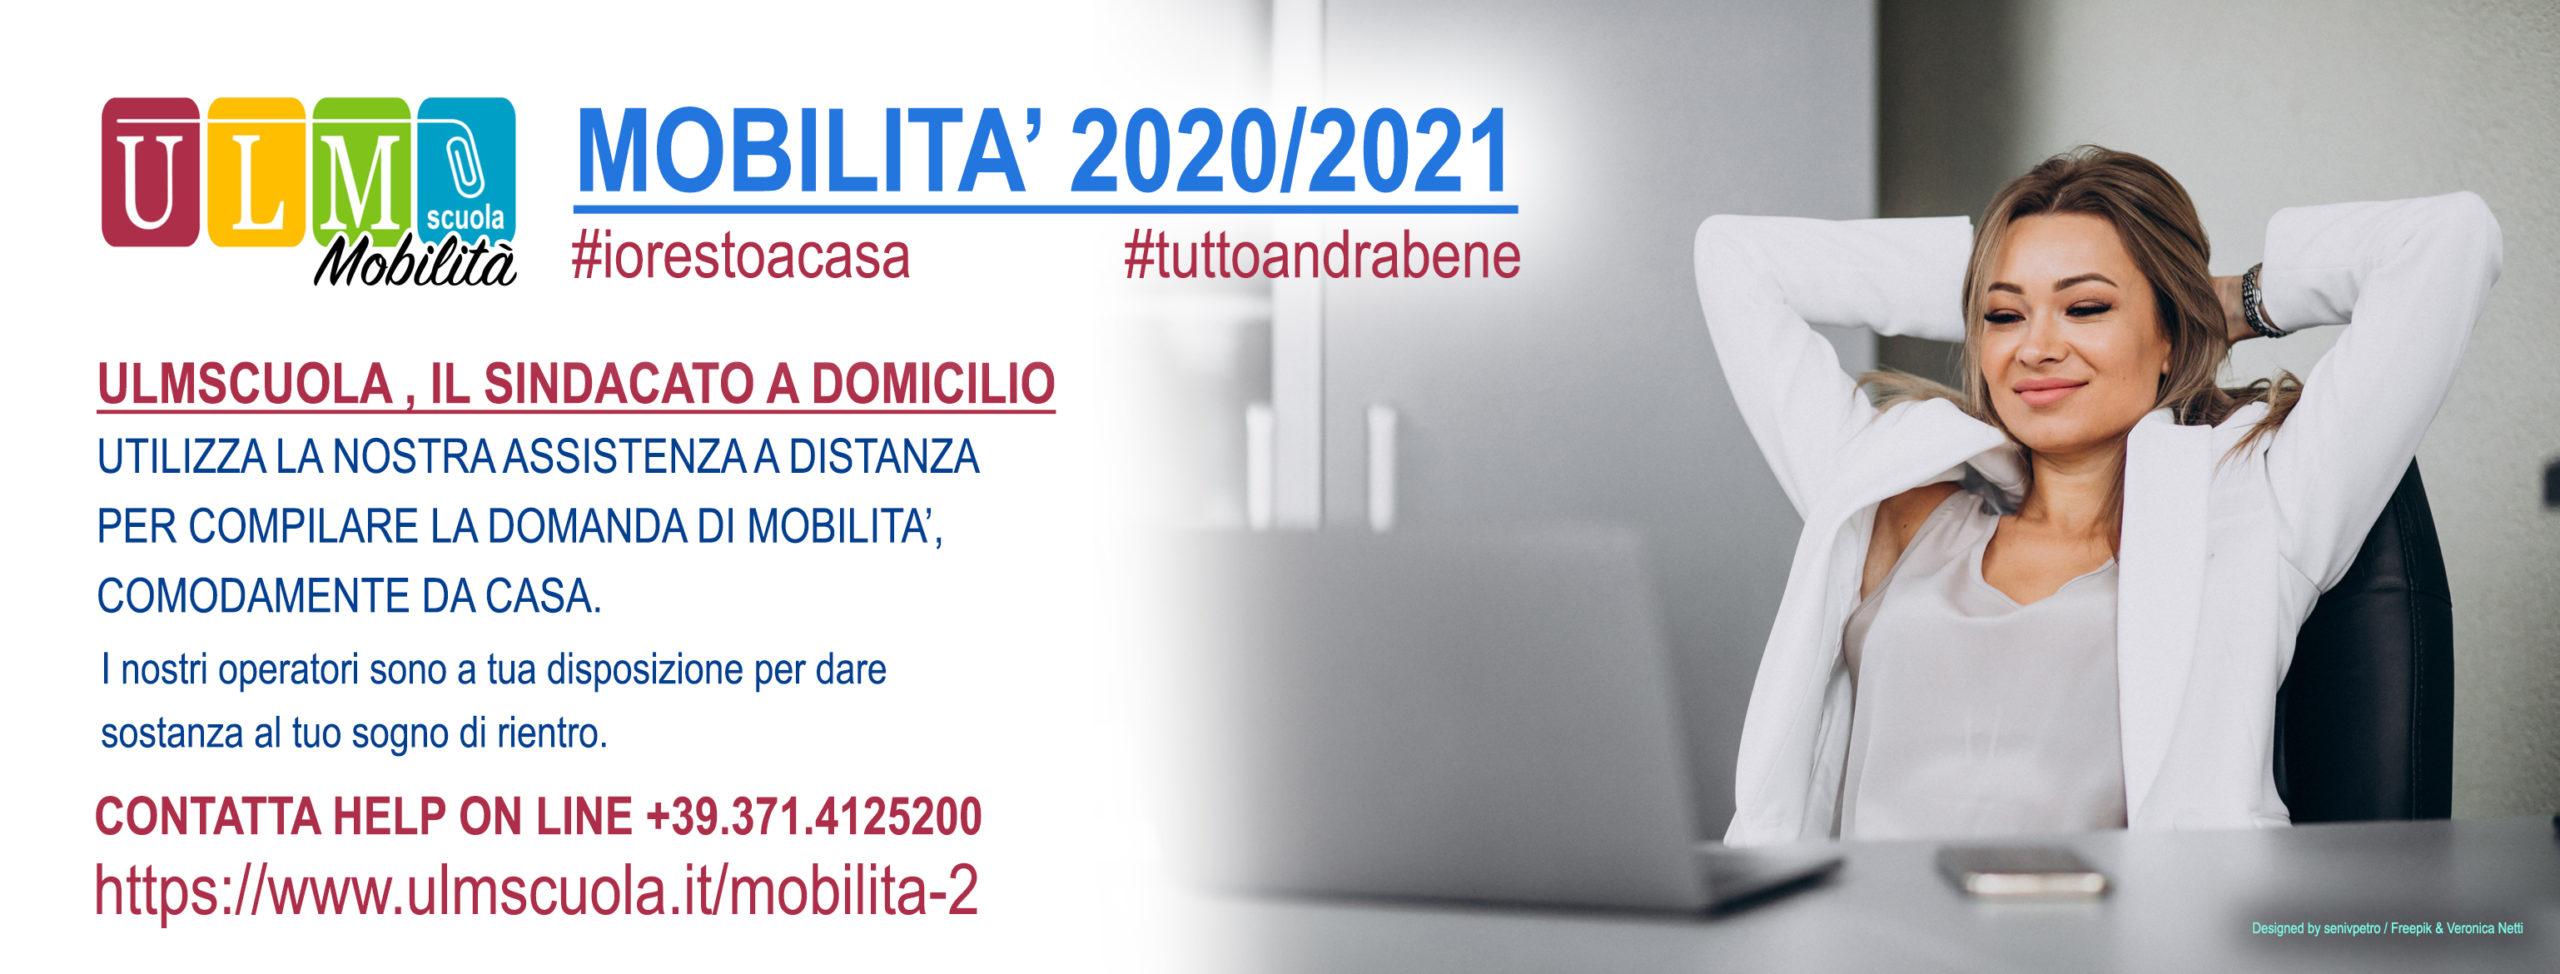 Mobilità 2020/2021